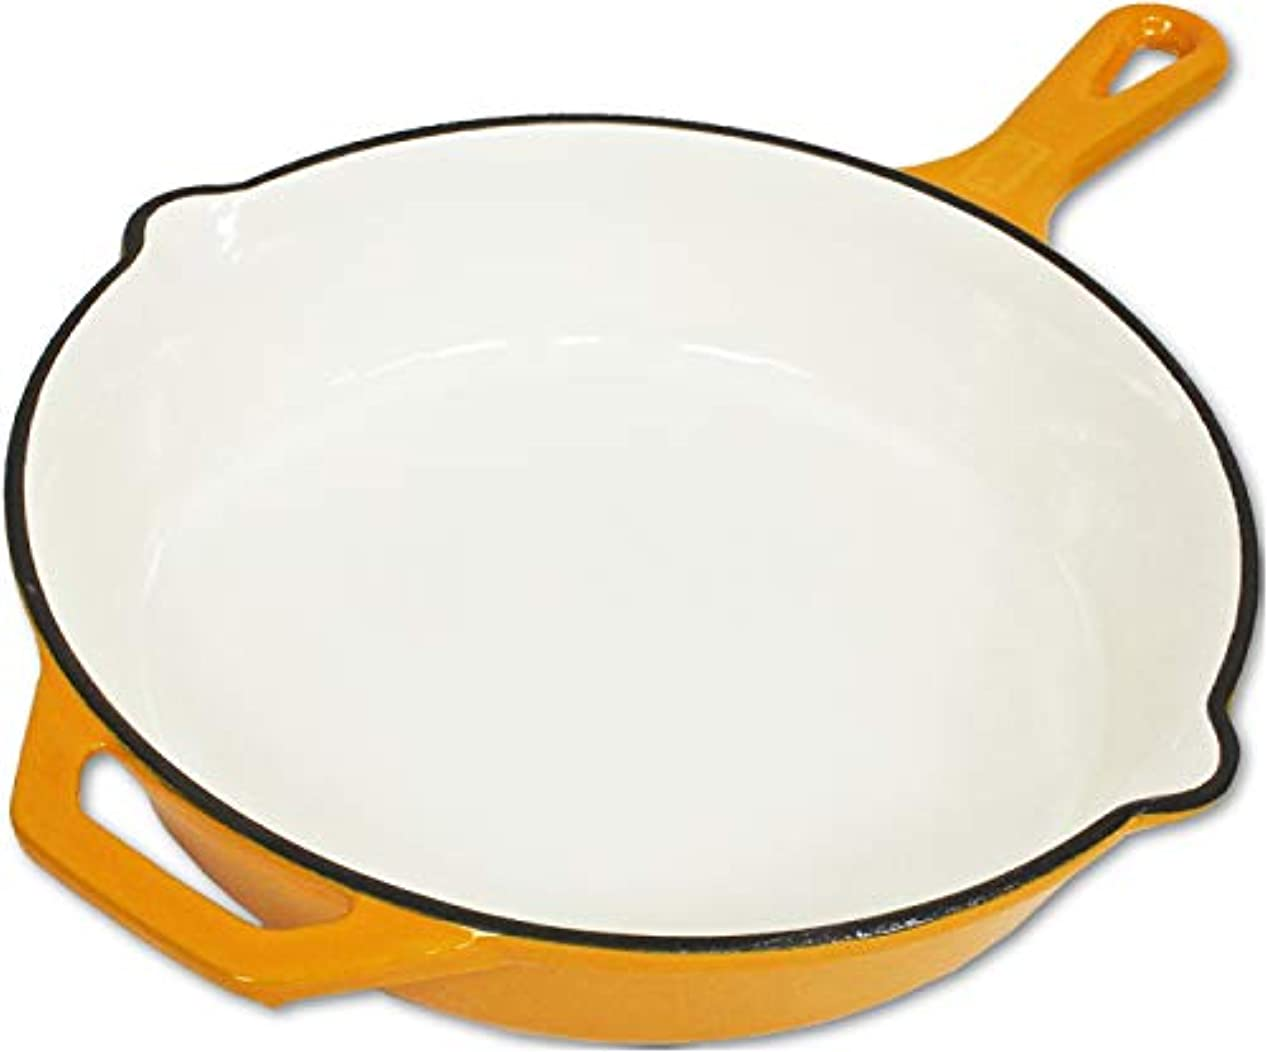 累計機械的びっくりチャムス(CHUMS) 鍋 カラースキレット10インチ CH62-1260-Y001-00 イエロー